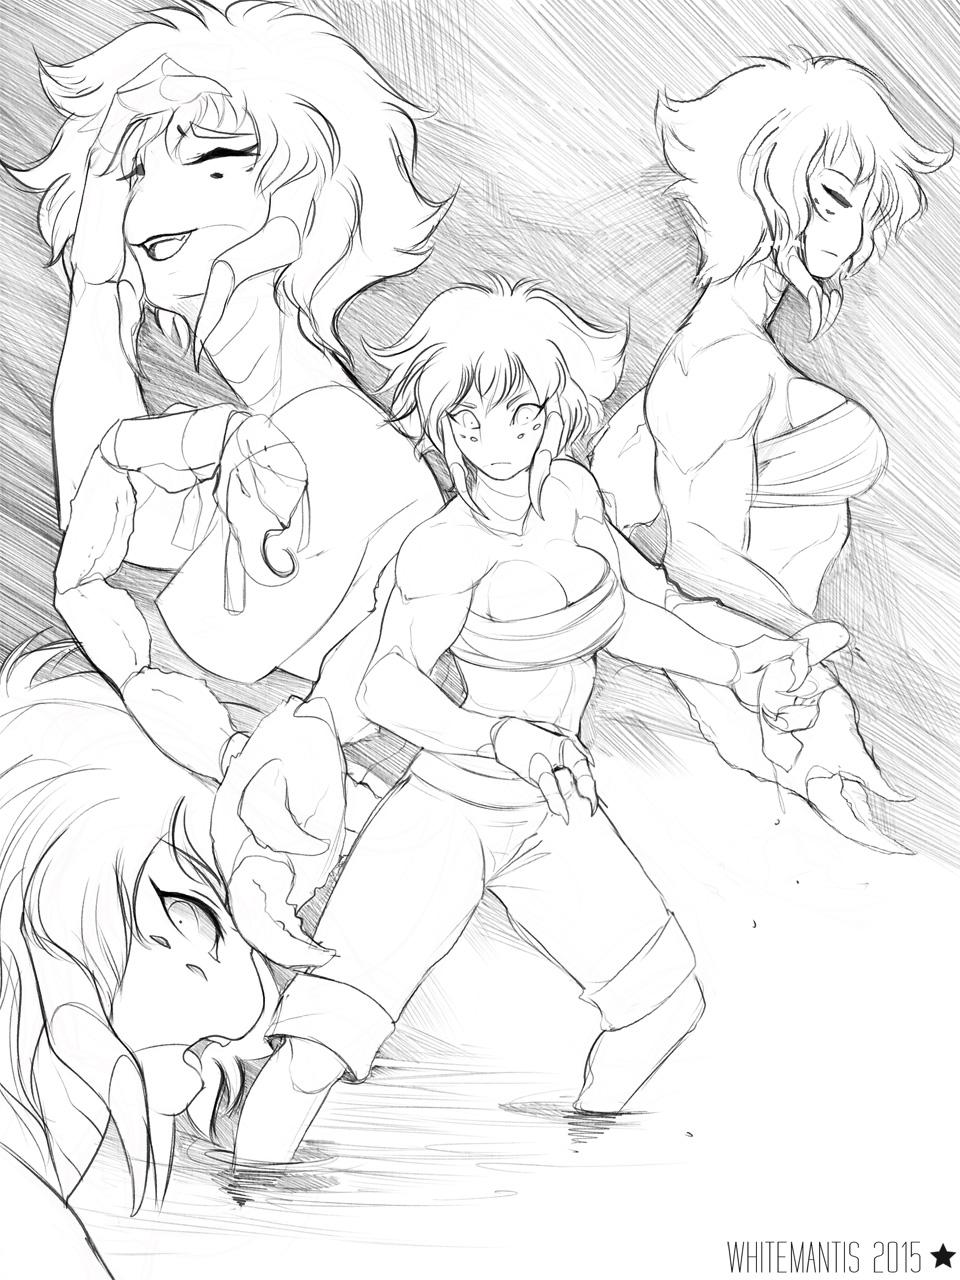 Blade Under Mask: Sayaka Doodles